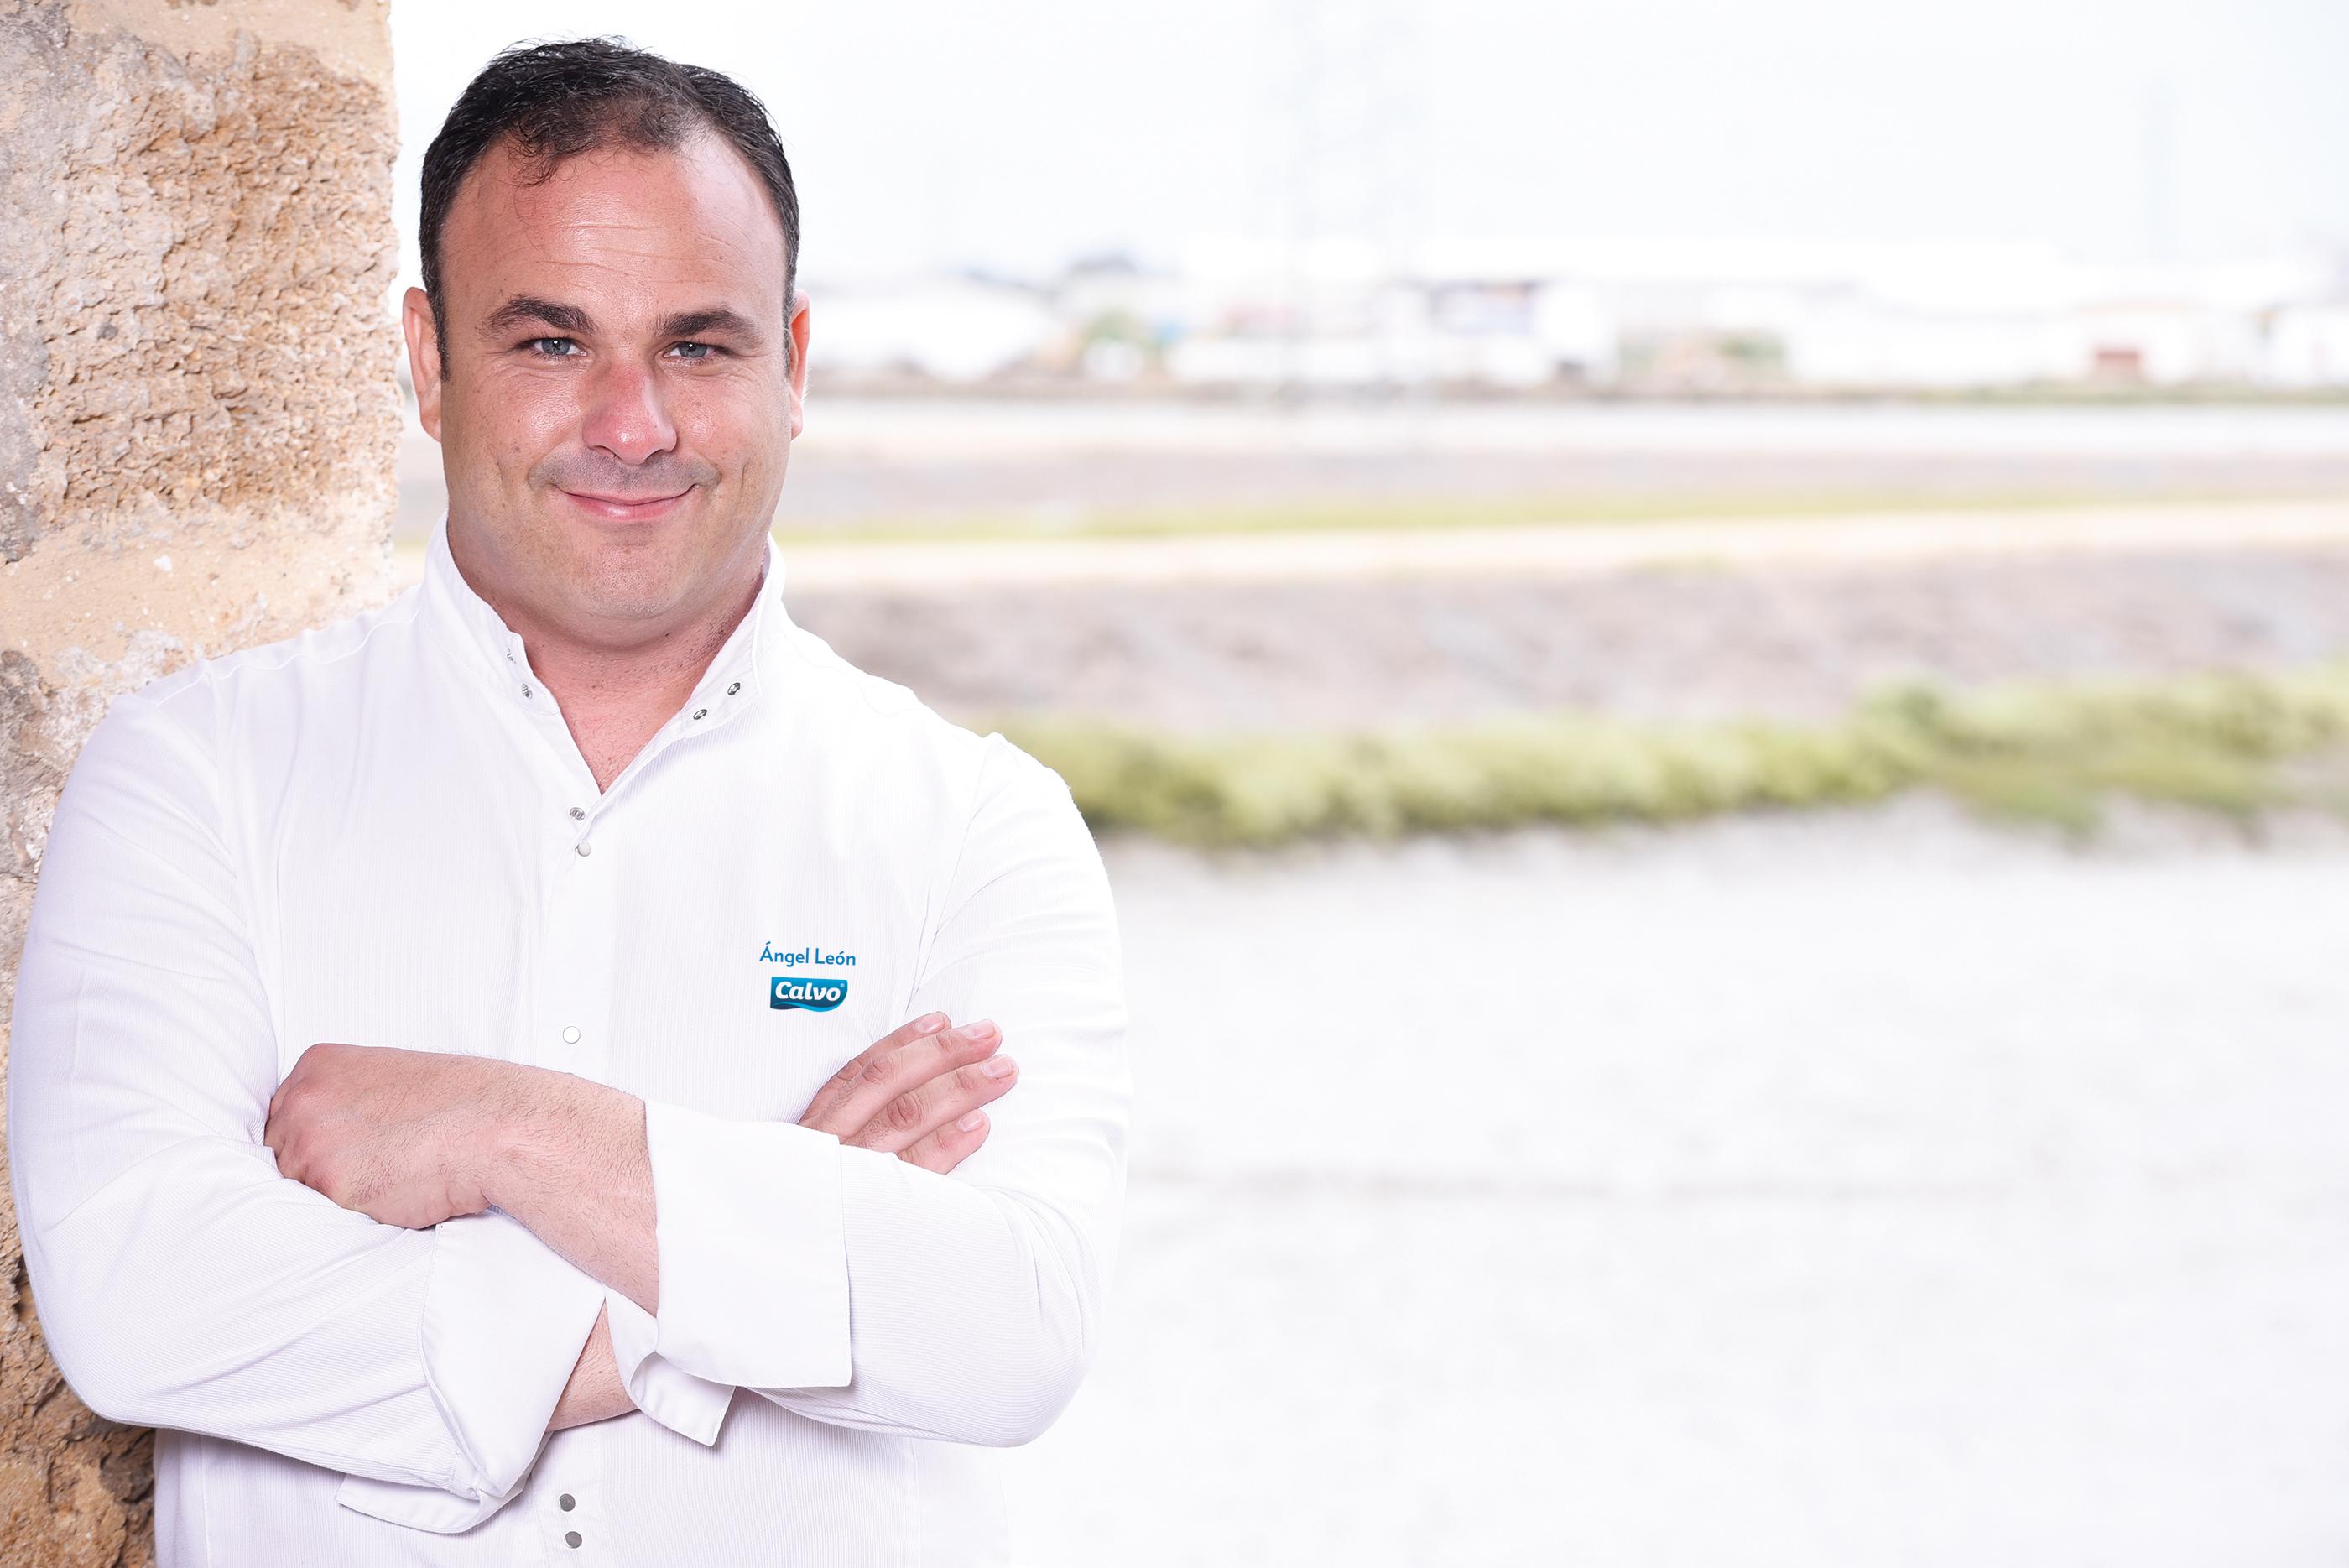 Entrevista a Ángel León en el Mundo